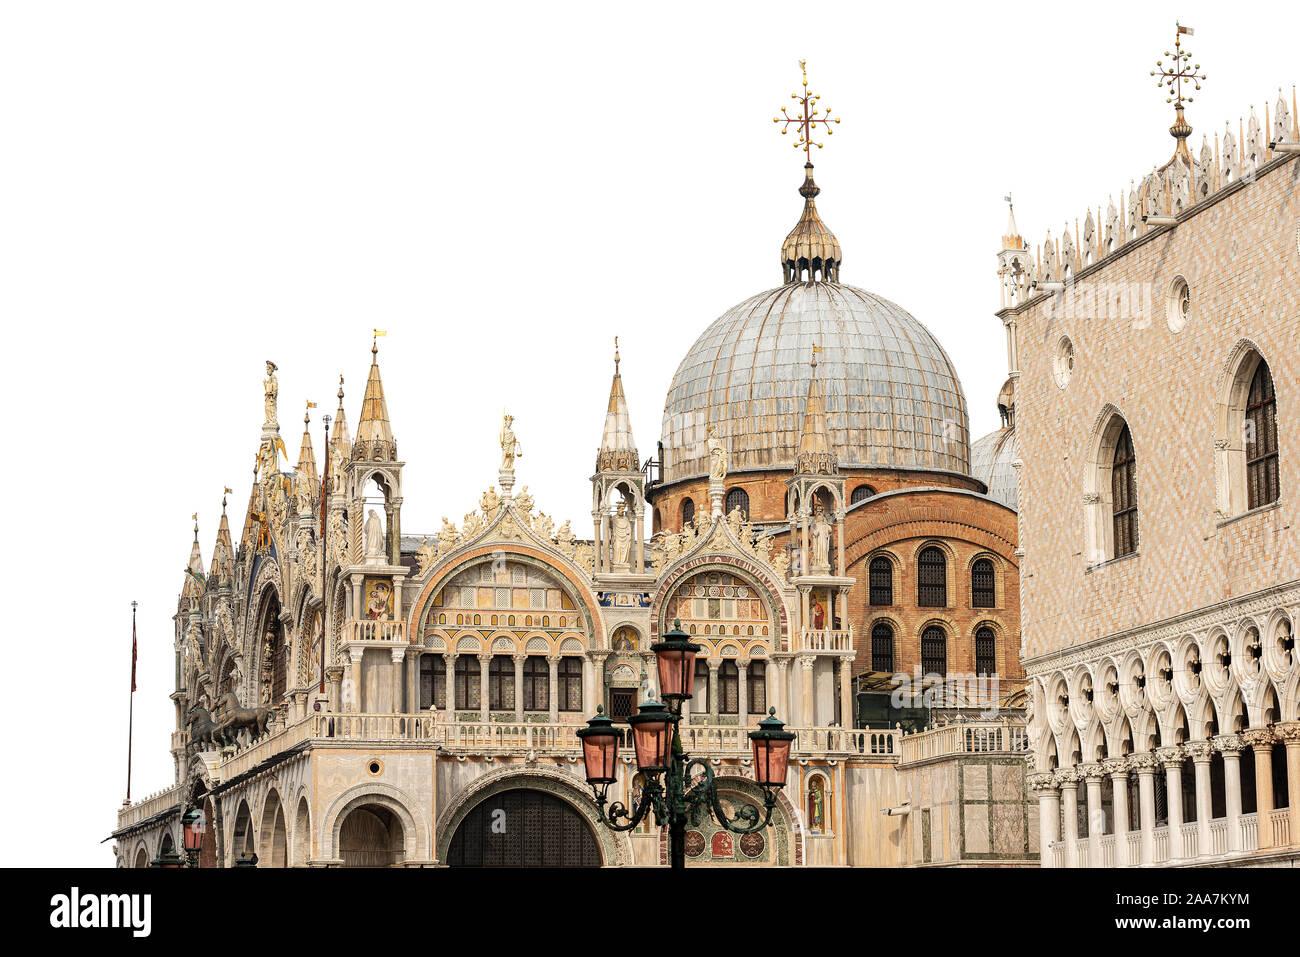 Venecia, la basílica y la Catedral de San Marcos (St. El evangelista san Marcos) y el Palazzo Ducale (Palacio Ducal) aislado sobre fondo blanco. Italia Foto de stock